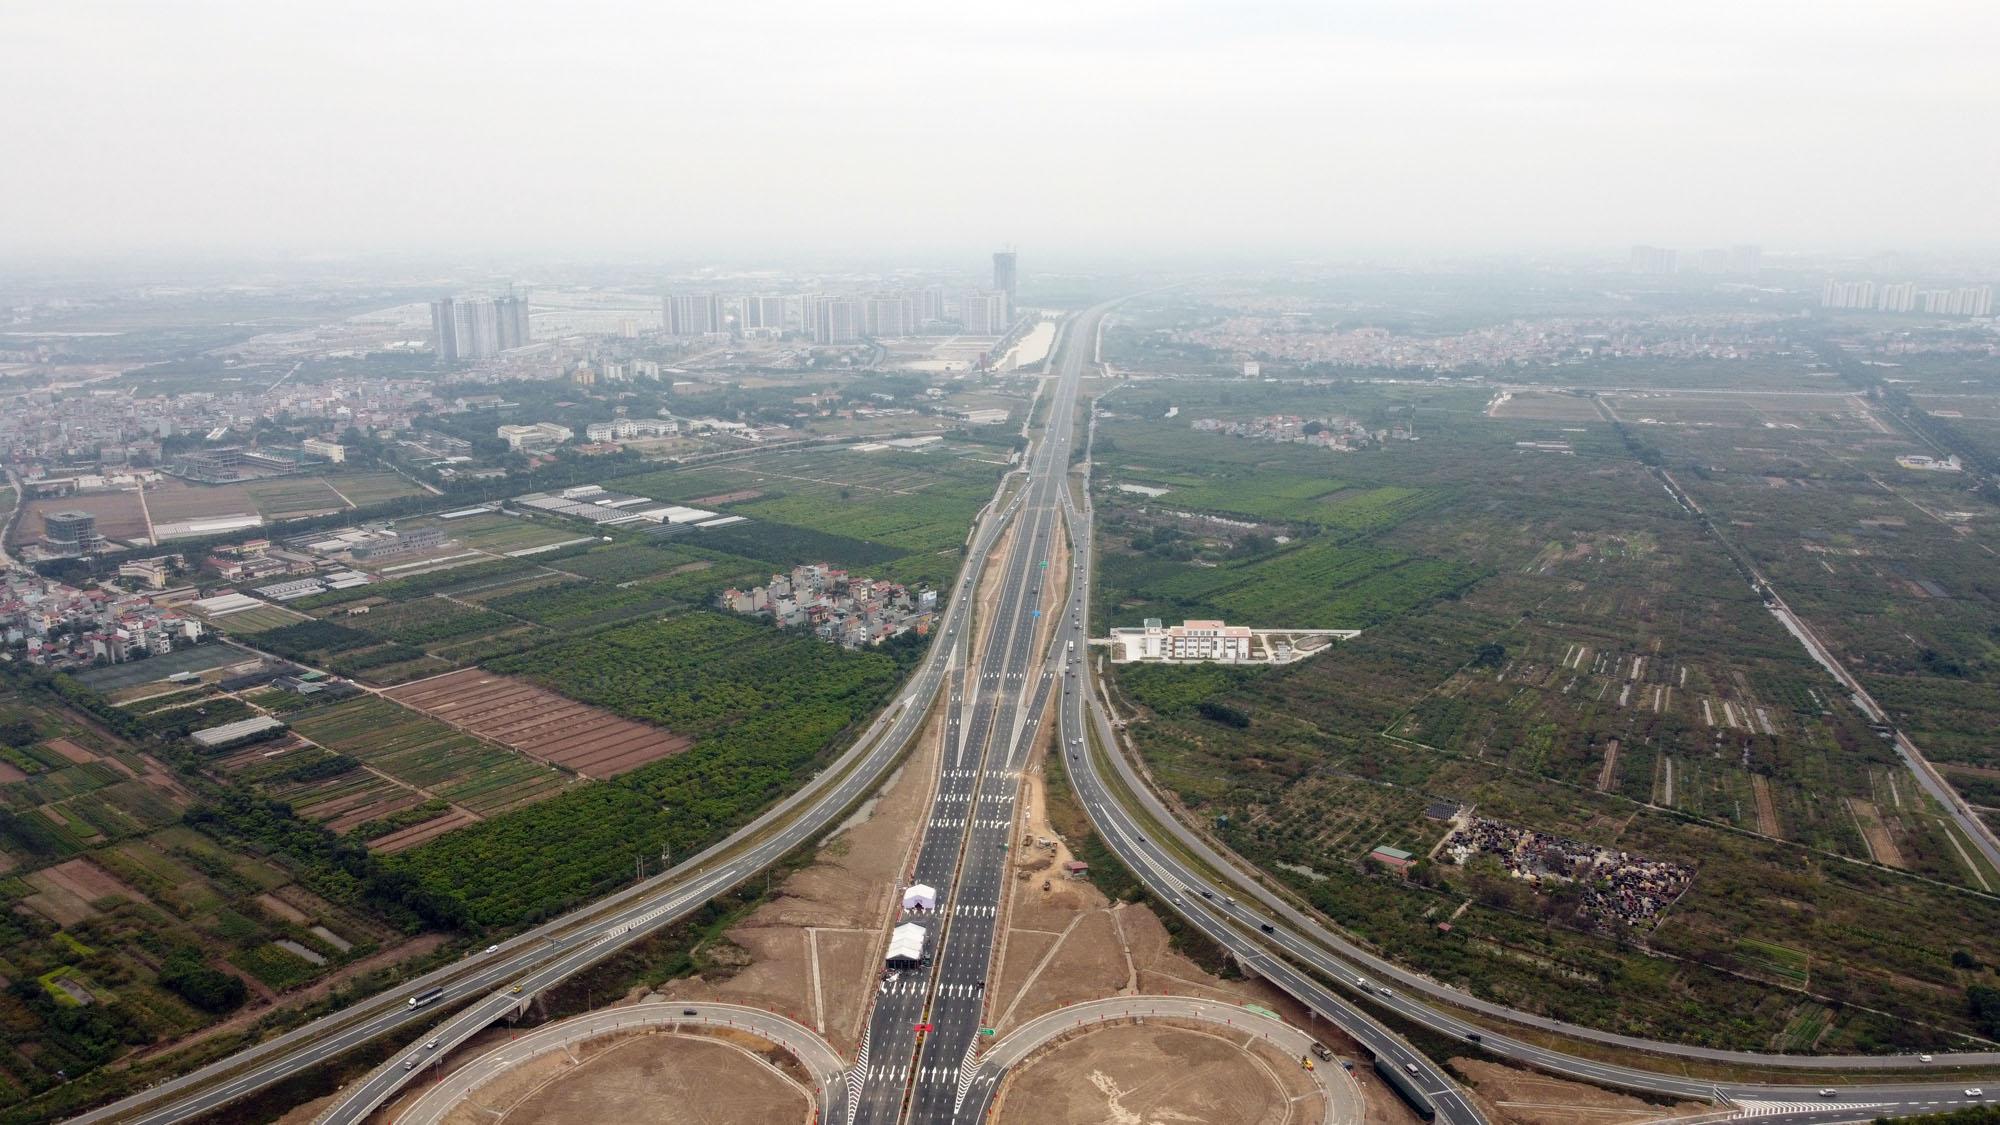 Cận cảnh nút giao đường Vành đai 3 với cao tốc Hà Nội - Hải Phòng trị giá 400 tỷ đồng - Ảnh 5.